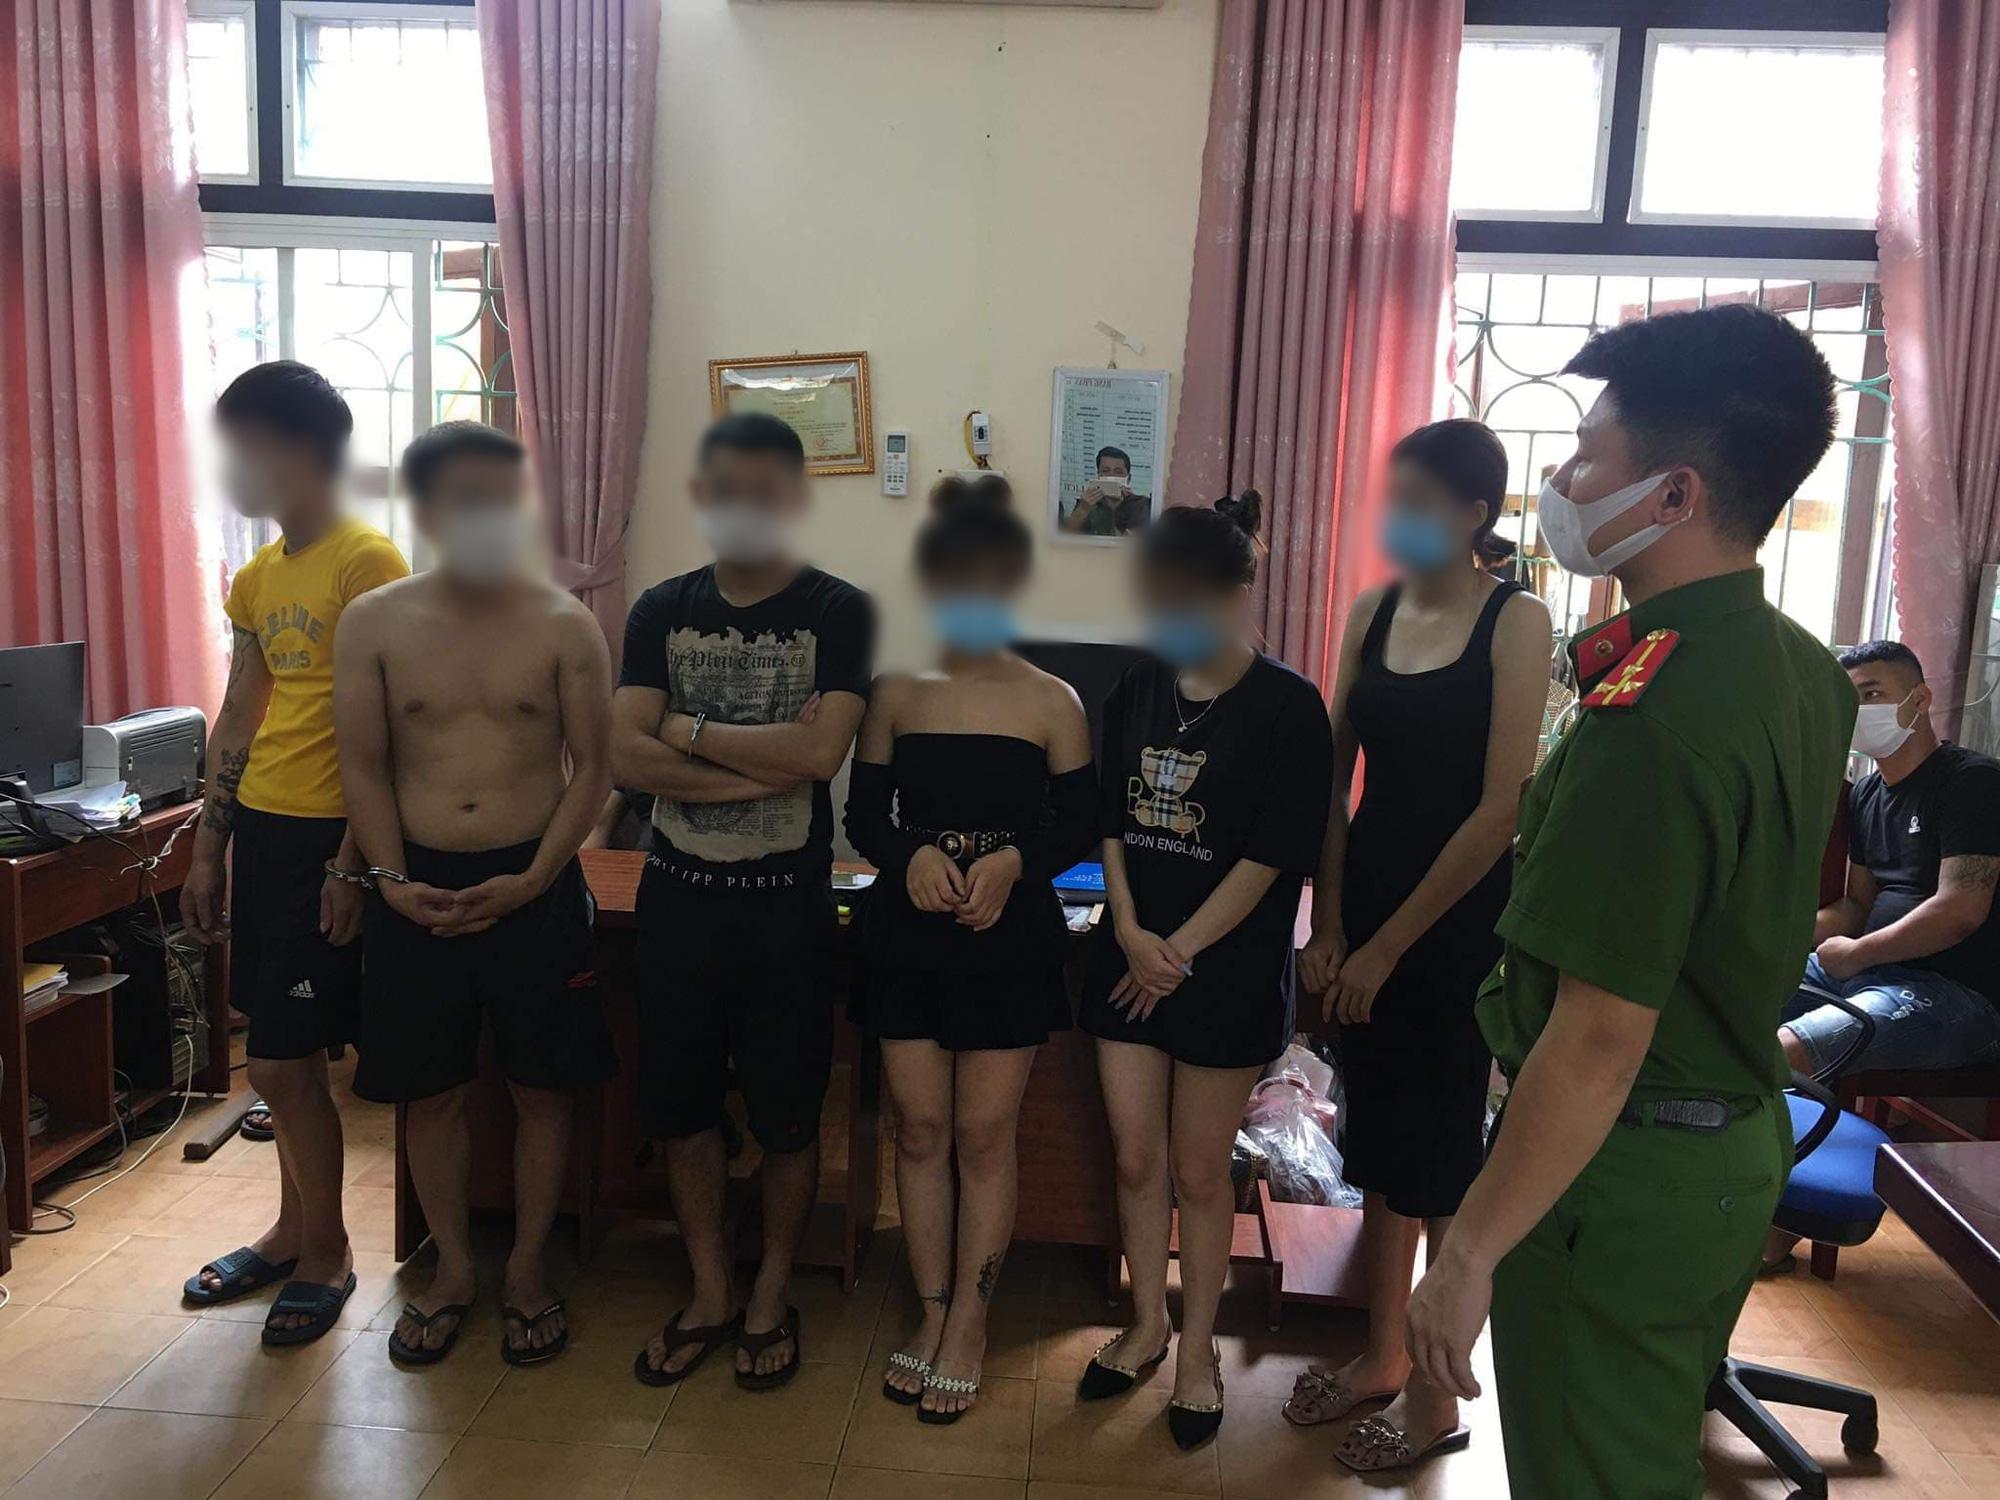 """Phú Thọ: Bất chấp lệnh cấm, gần 40 đối tượng """"bay lắc"""" trong quán karaoke  - Ảnh 1."""